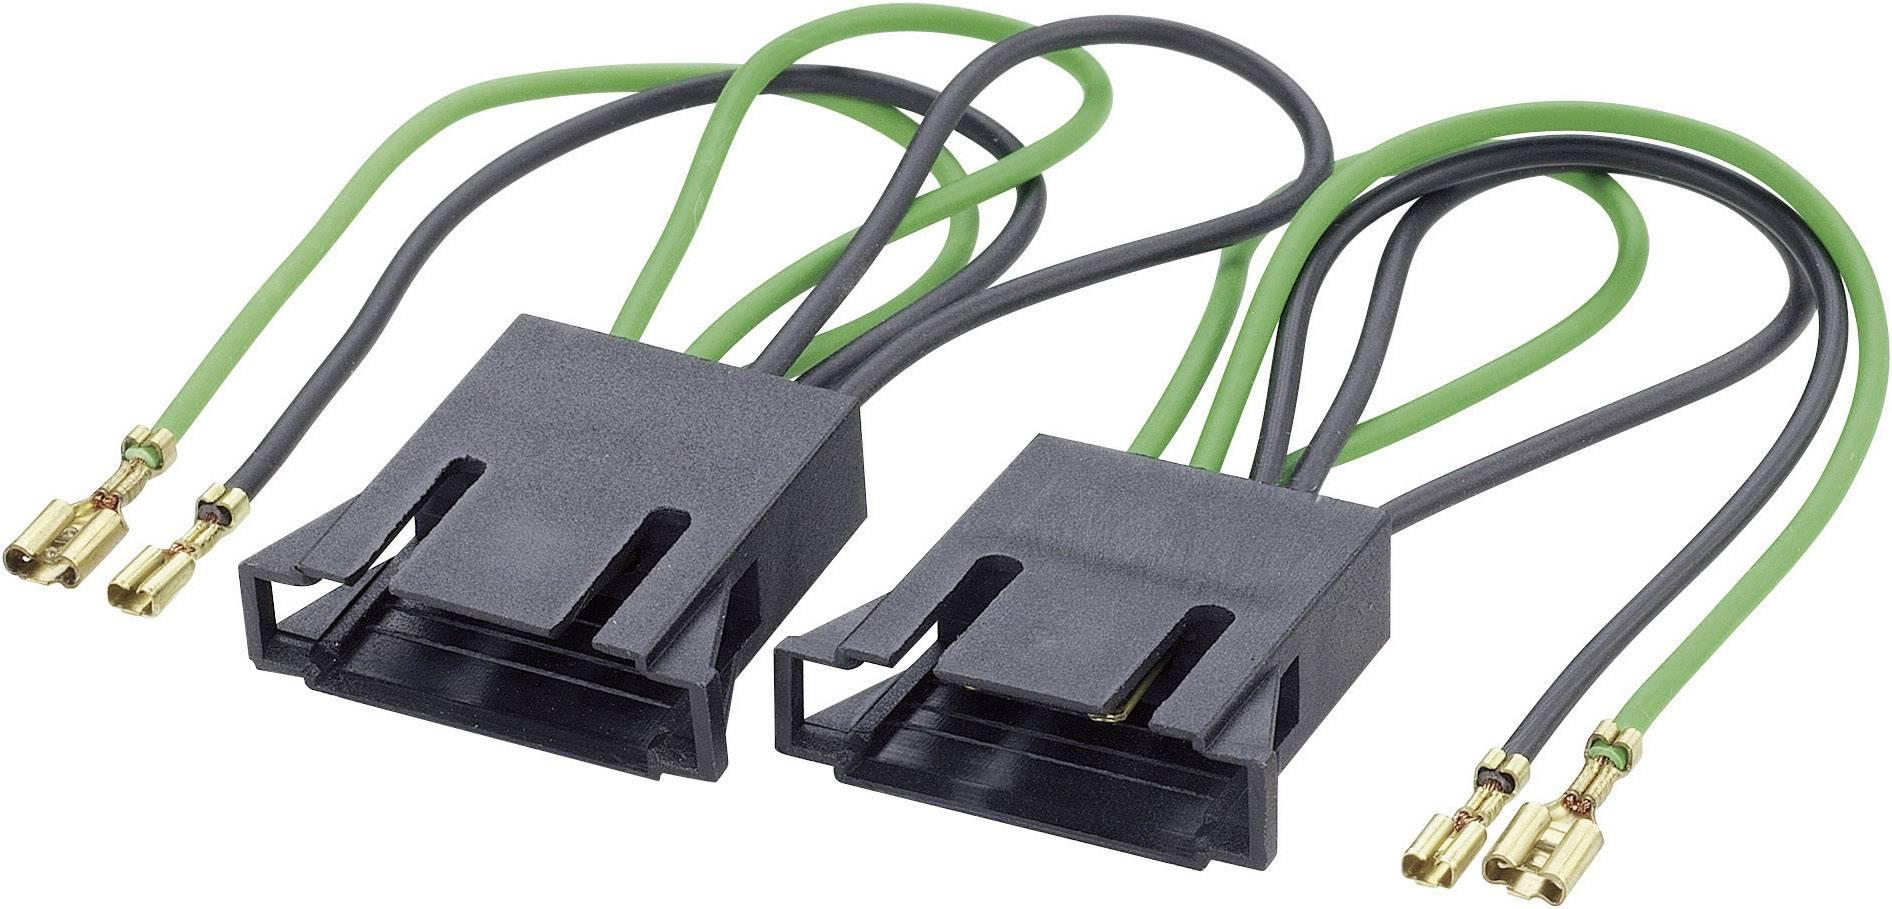 ISO adaptérový kábel pre autorádio AIV 51C767 vhodné pre autá Seat, Volkswagen